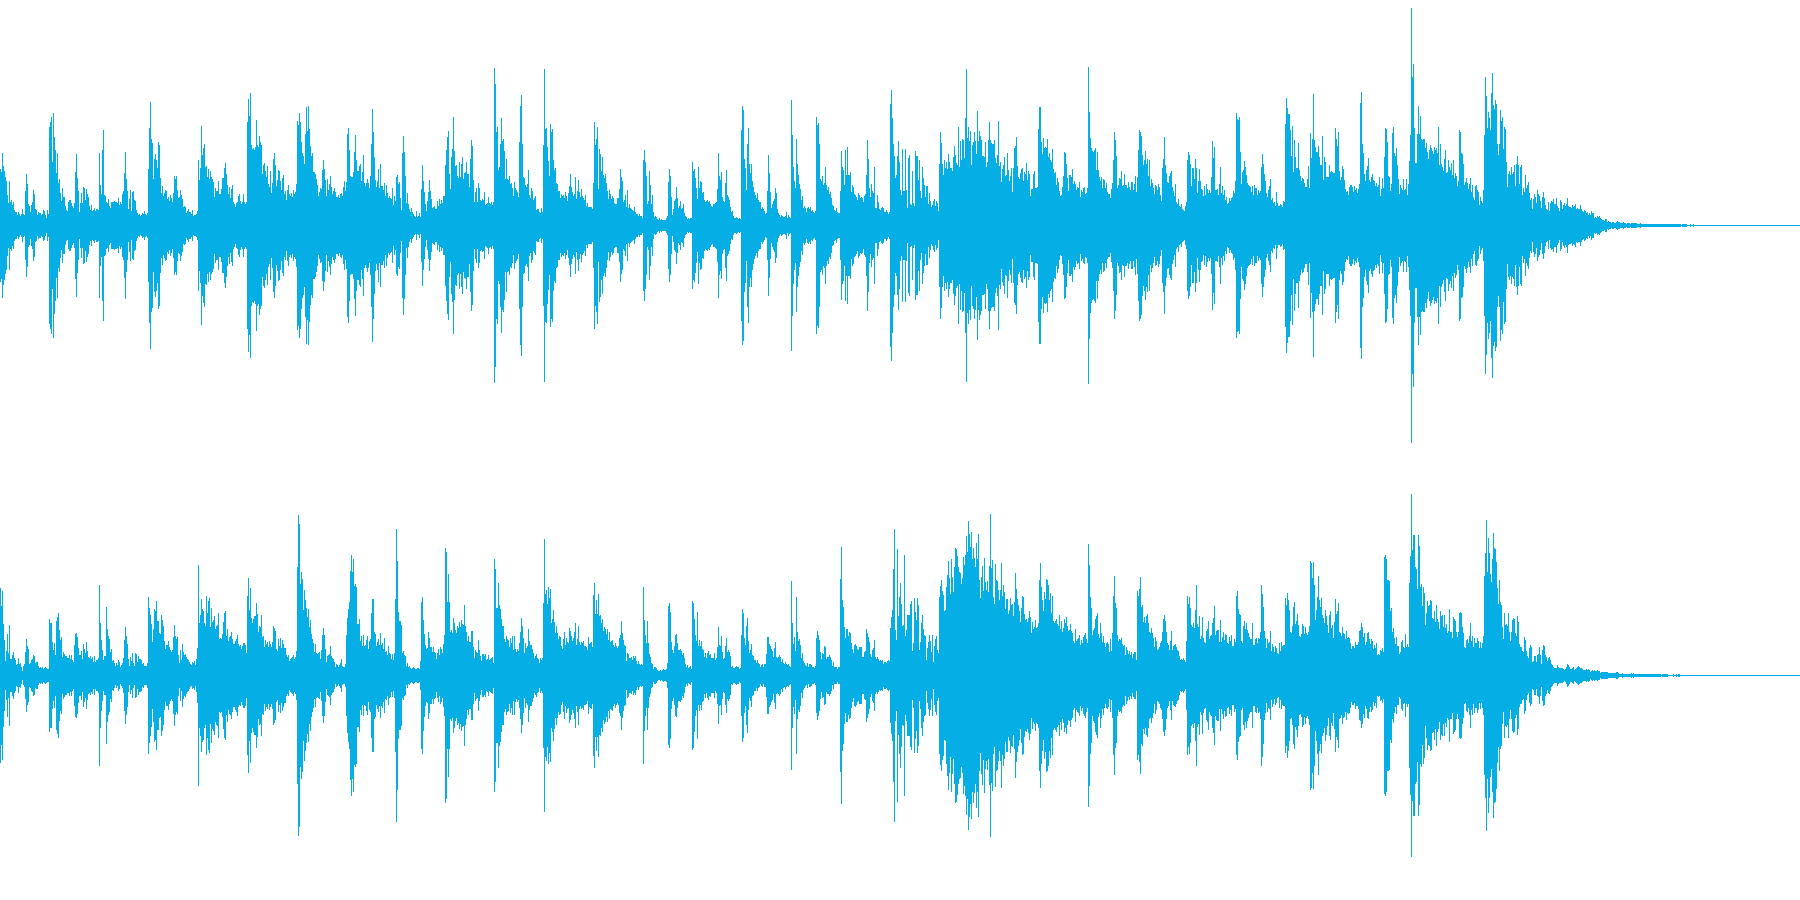 メカノアップビートエレクトロリズムの再生済みの波形